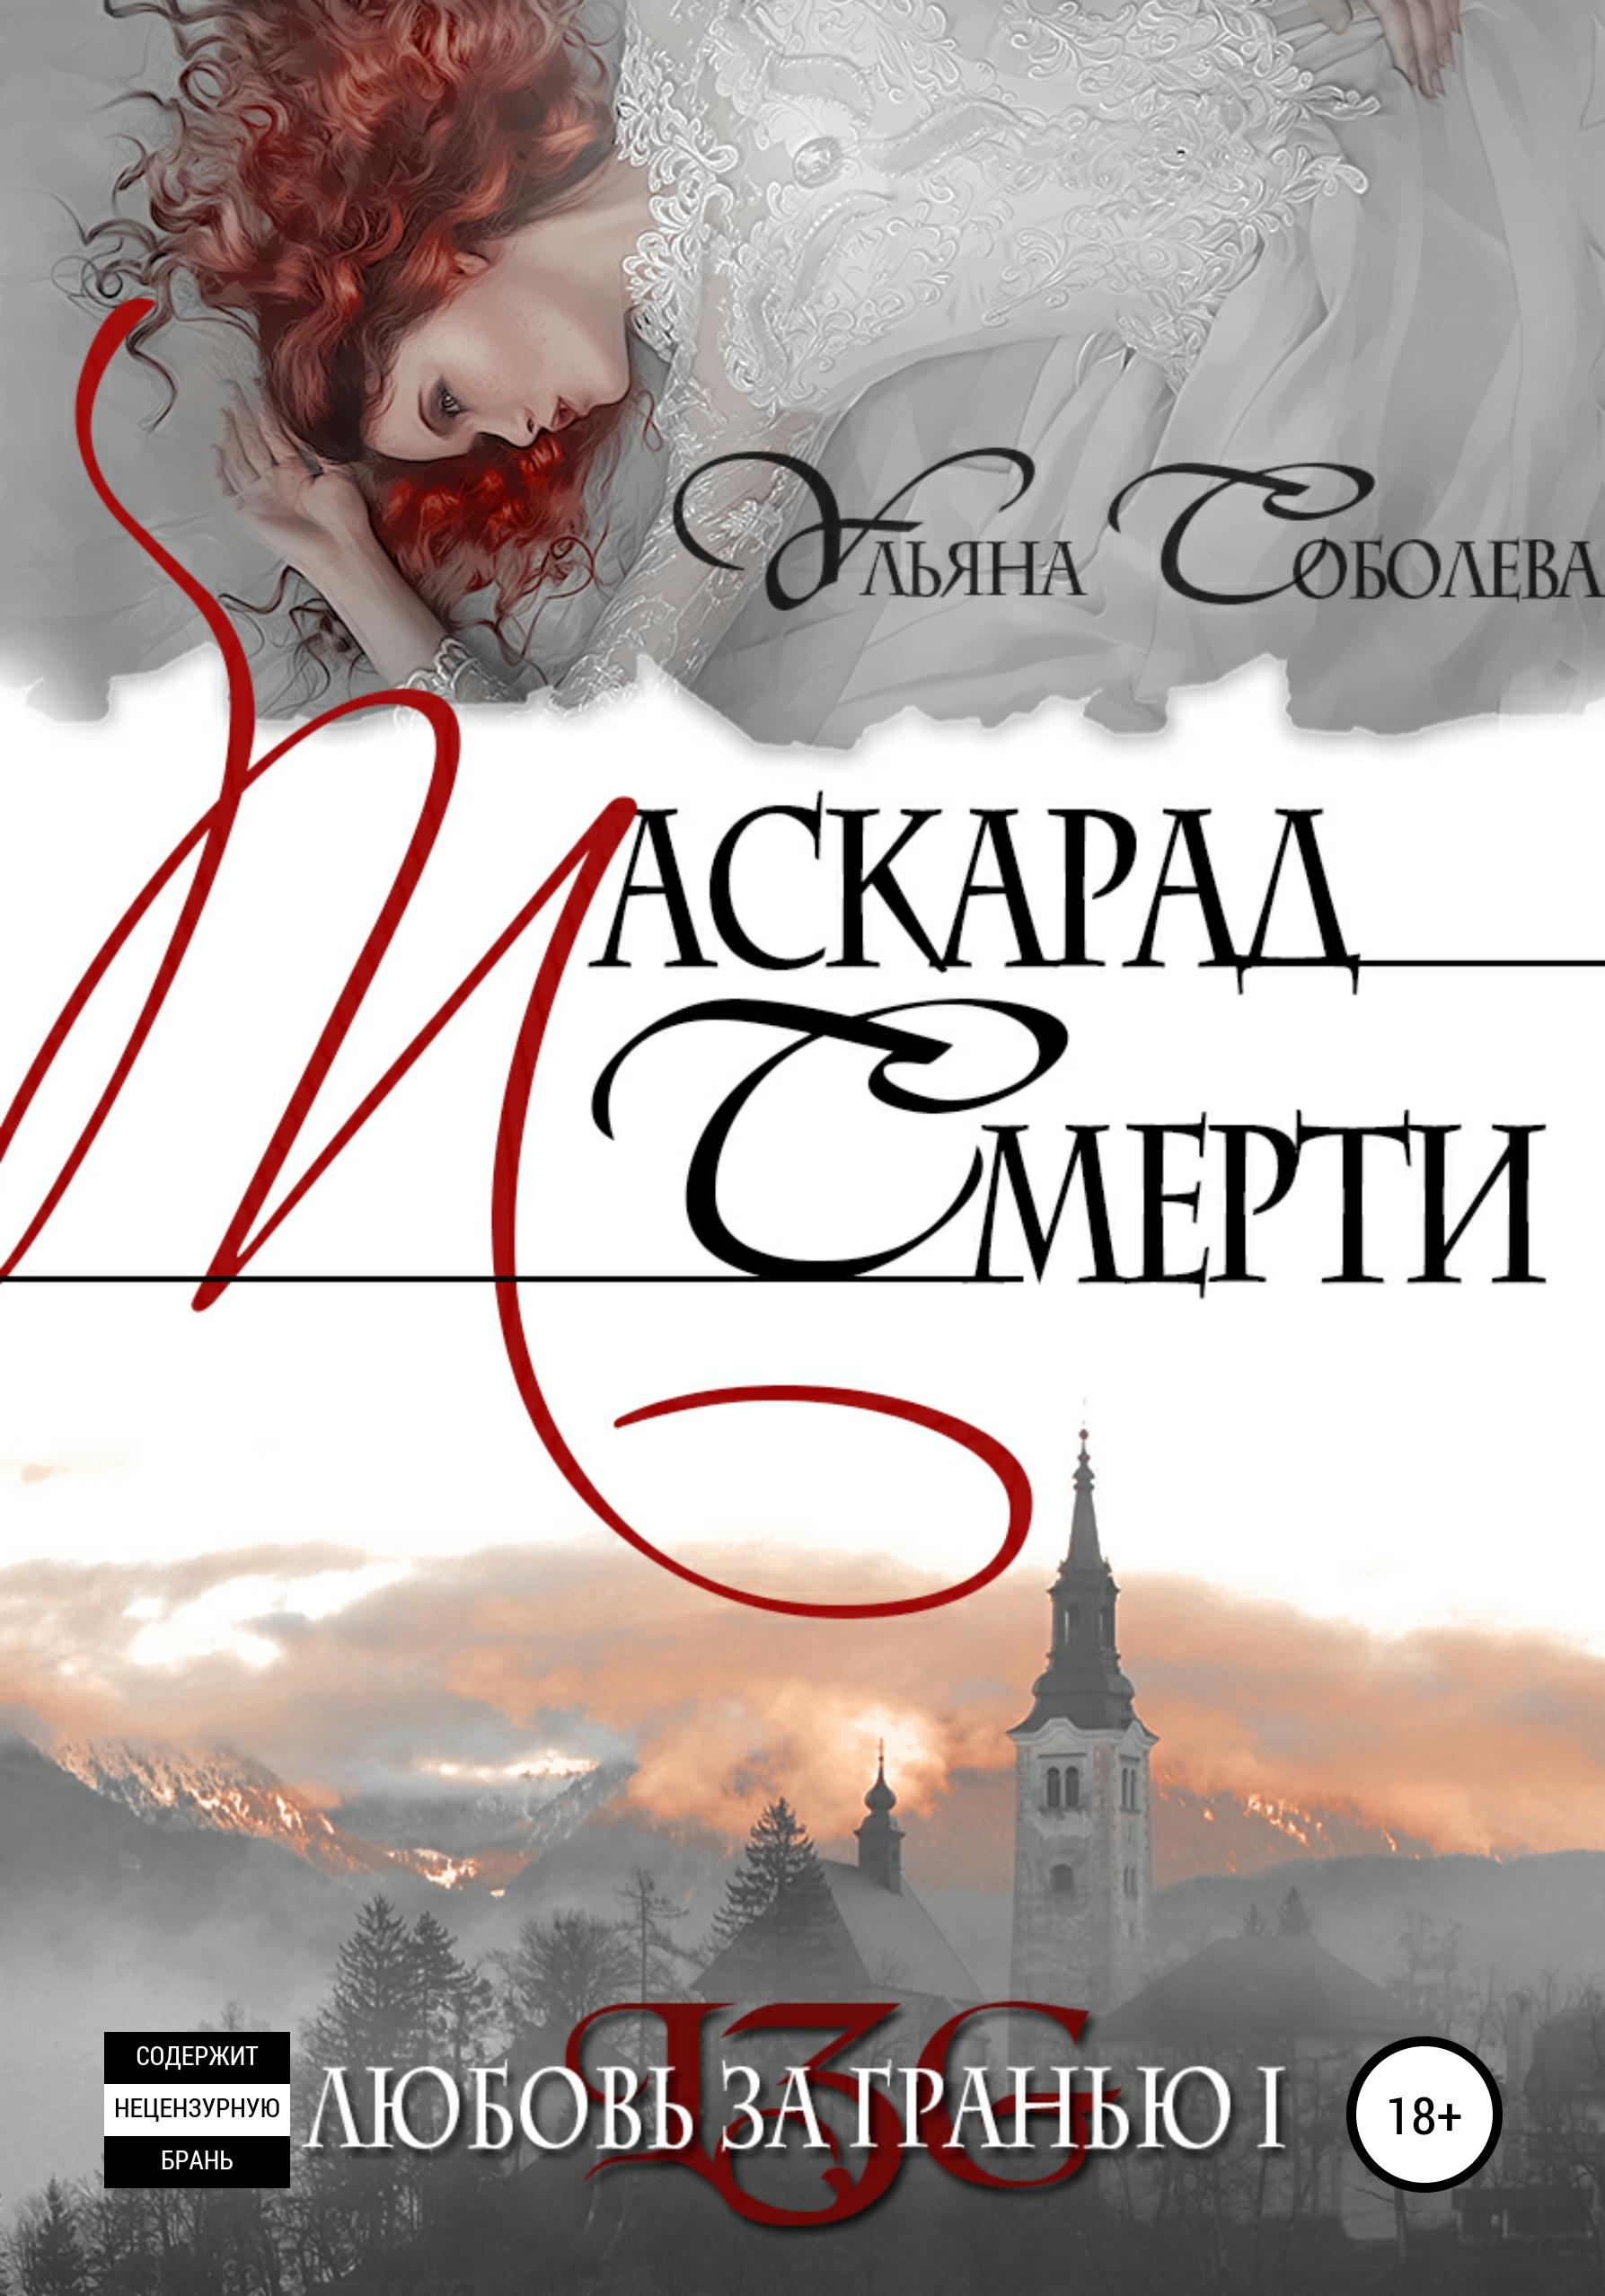 Купить книгу Любовь за гранью. Маскарад смерти, автора Ульяны Павловны Соболевой